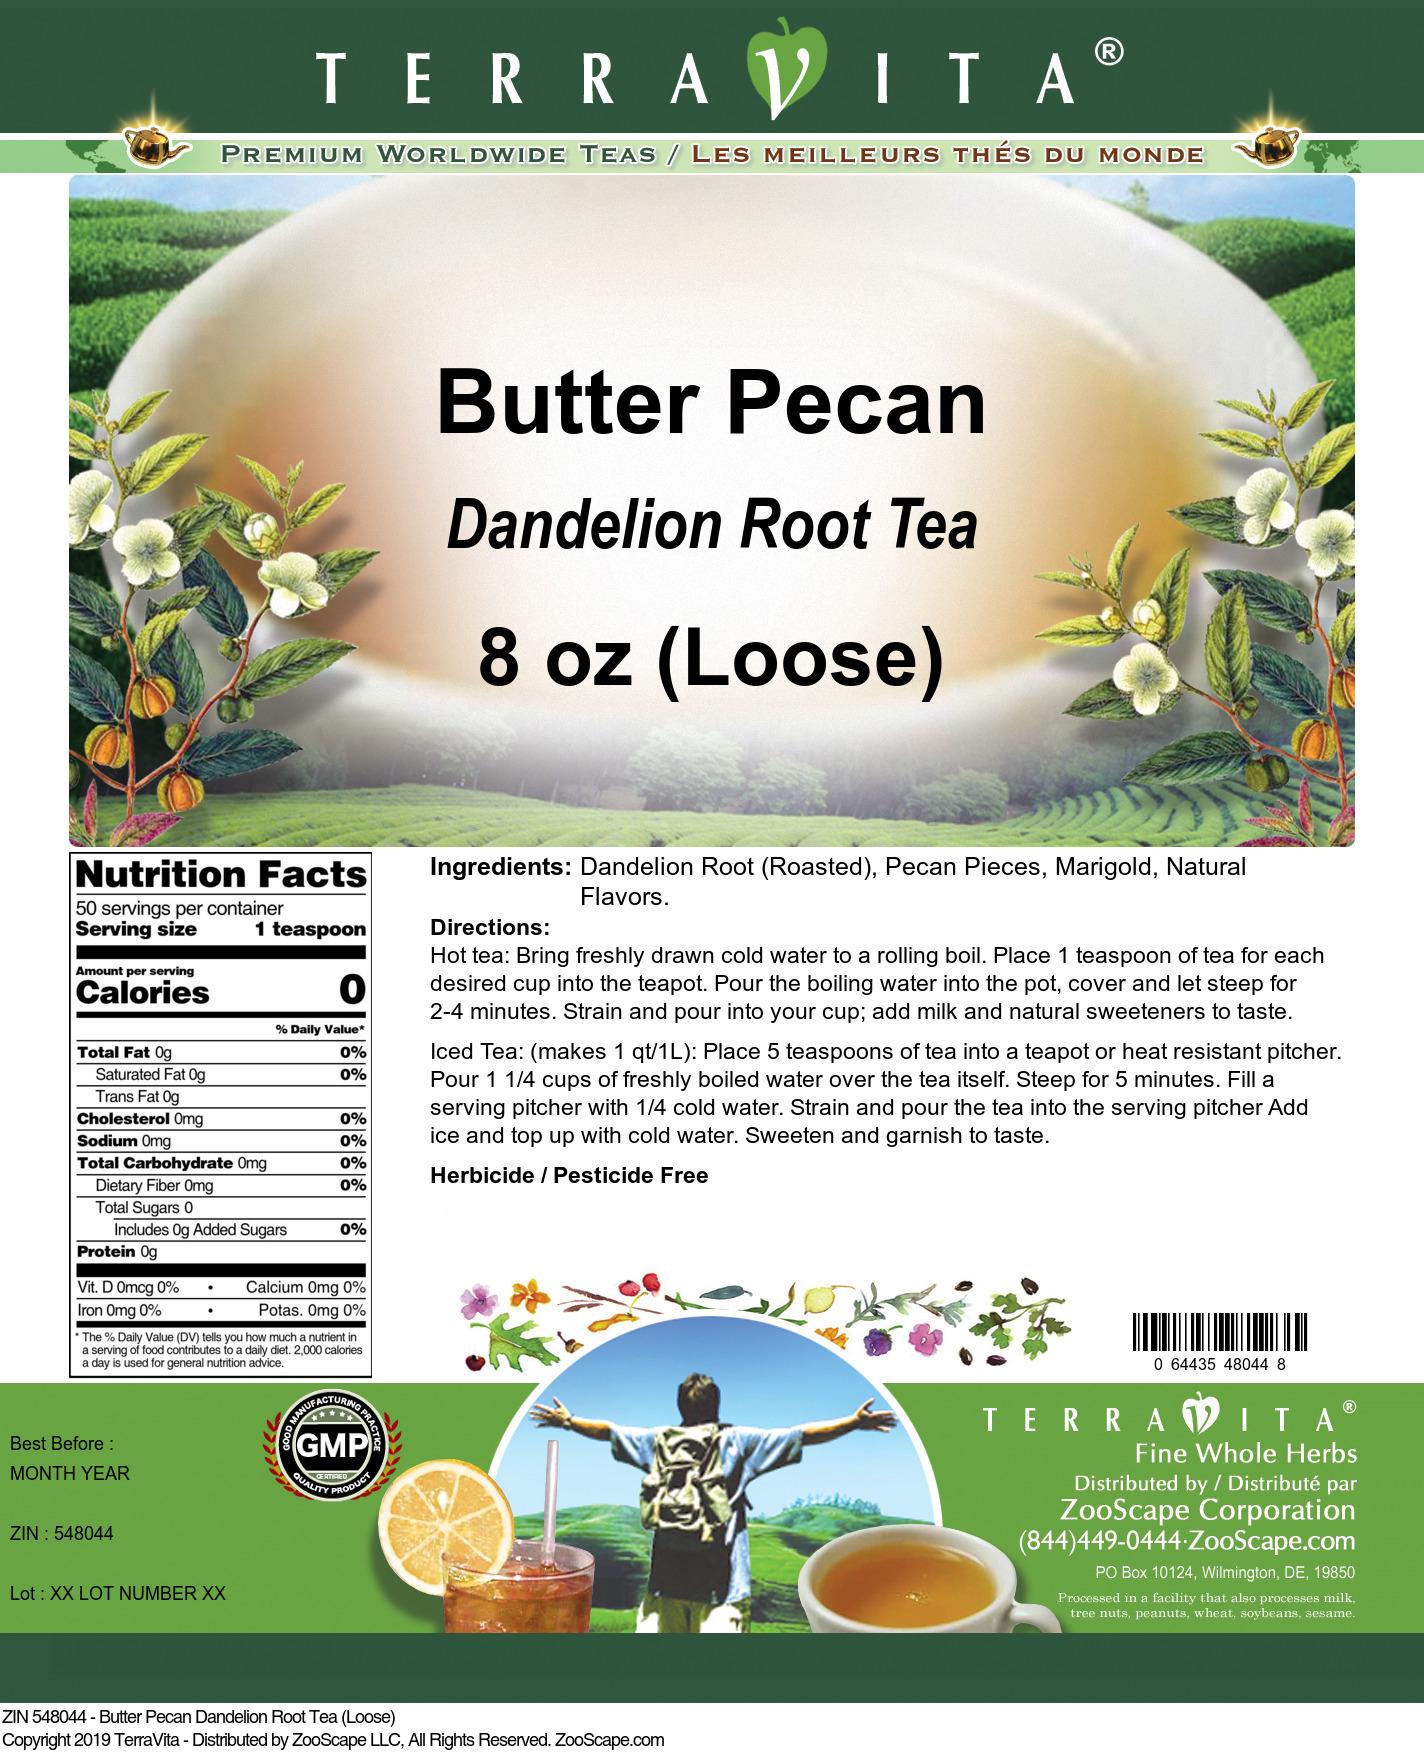 Butter Pecan Dandelion Root Tea (Loose)